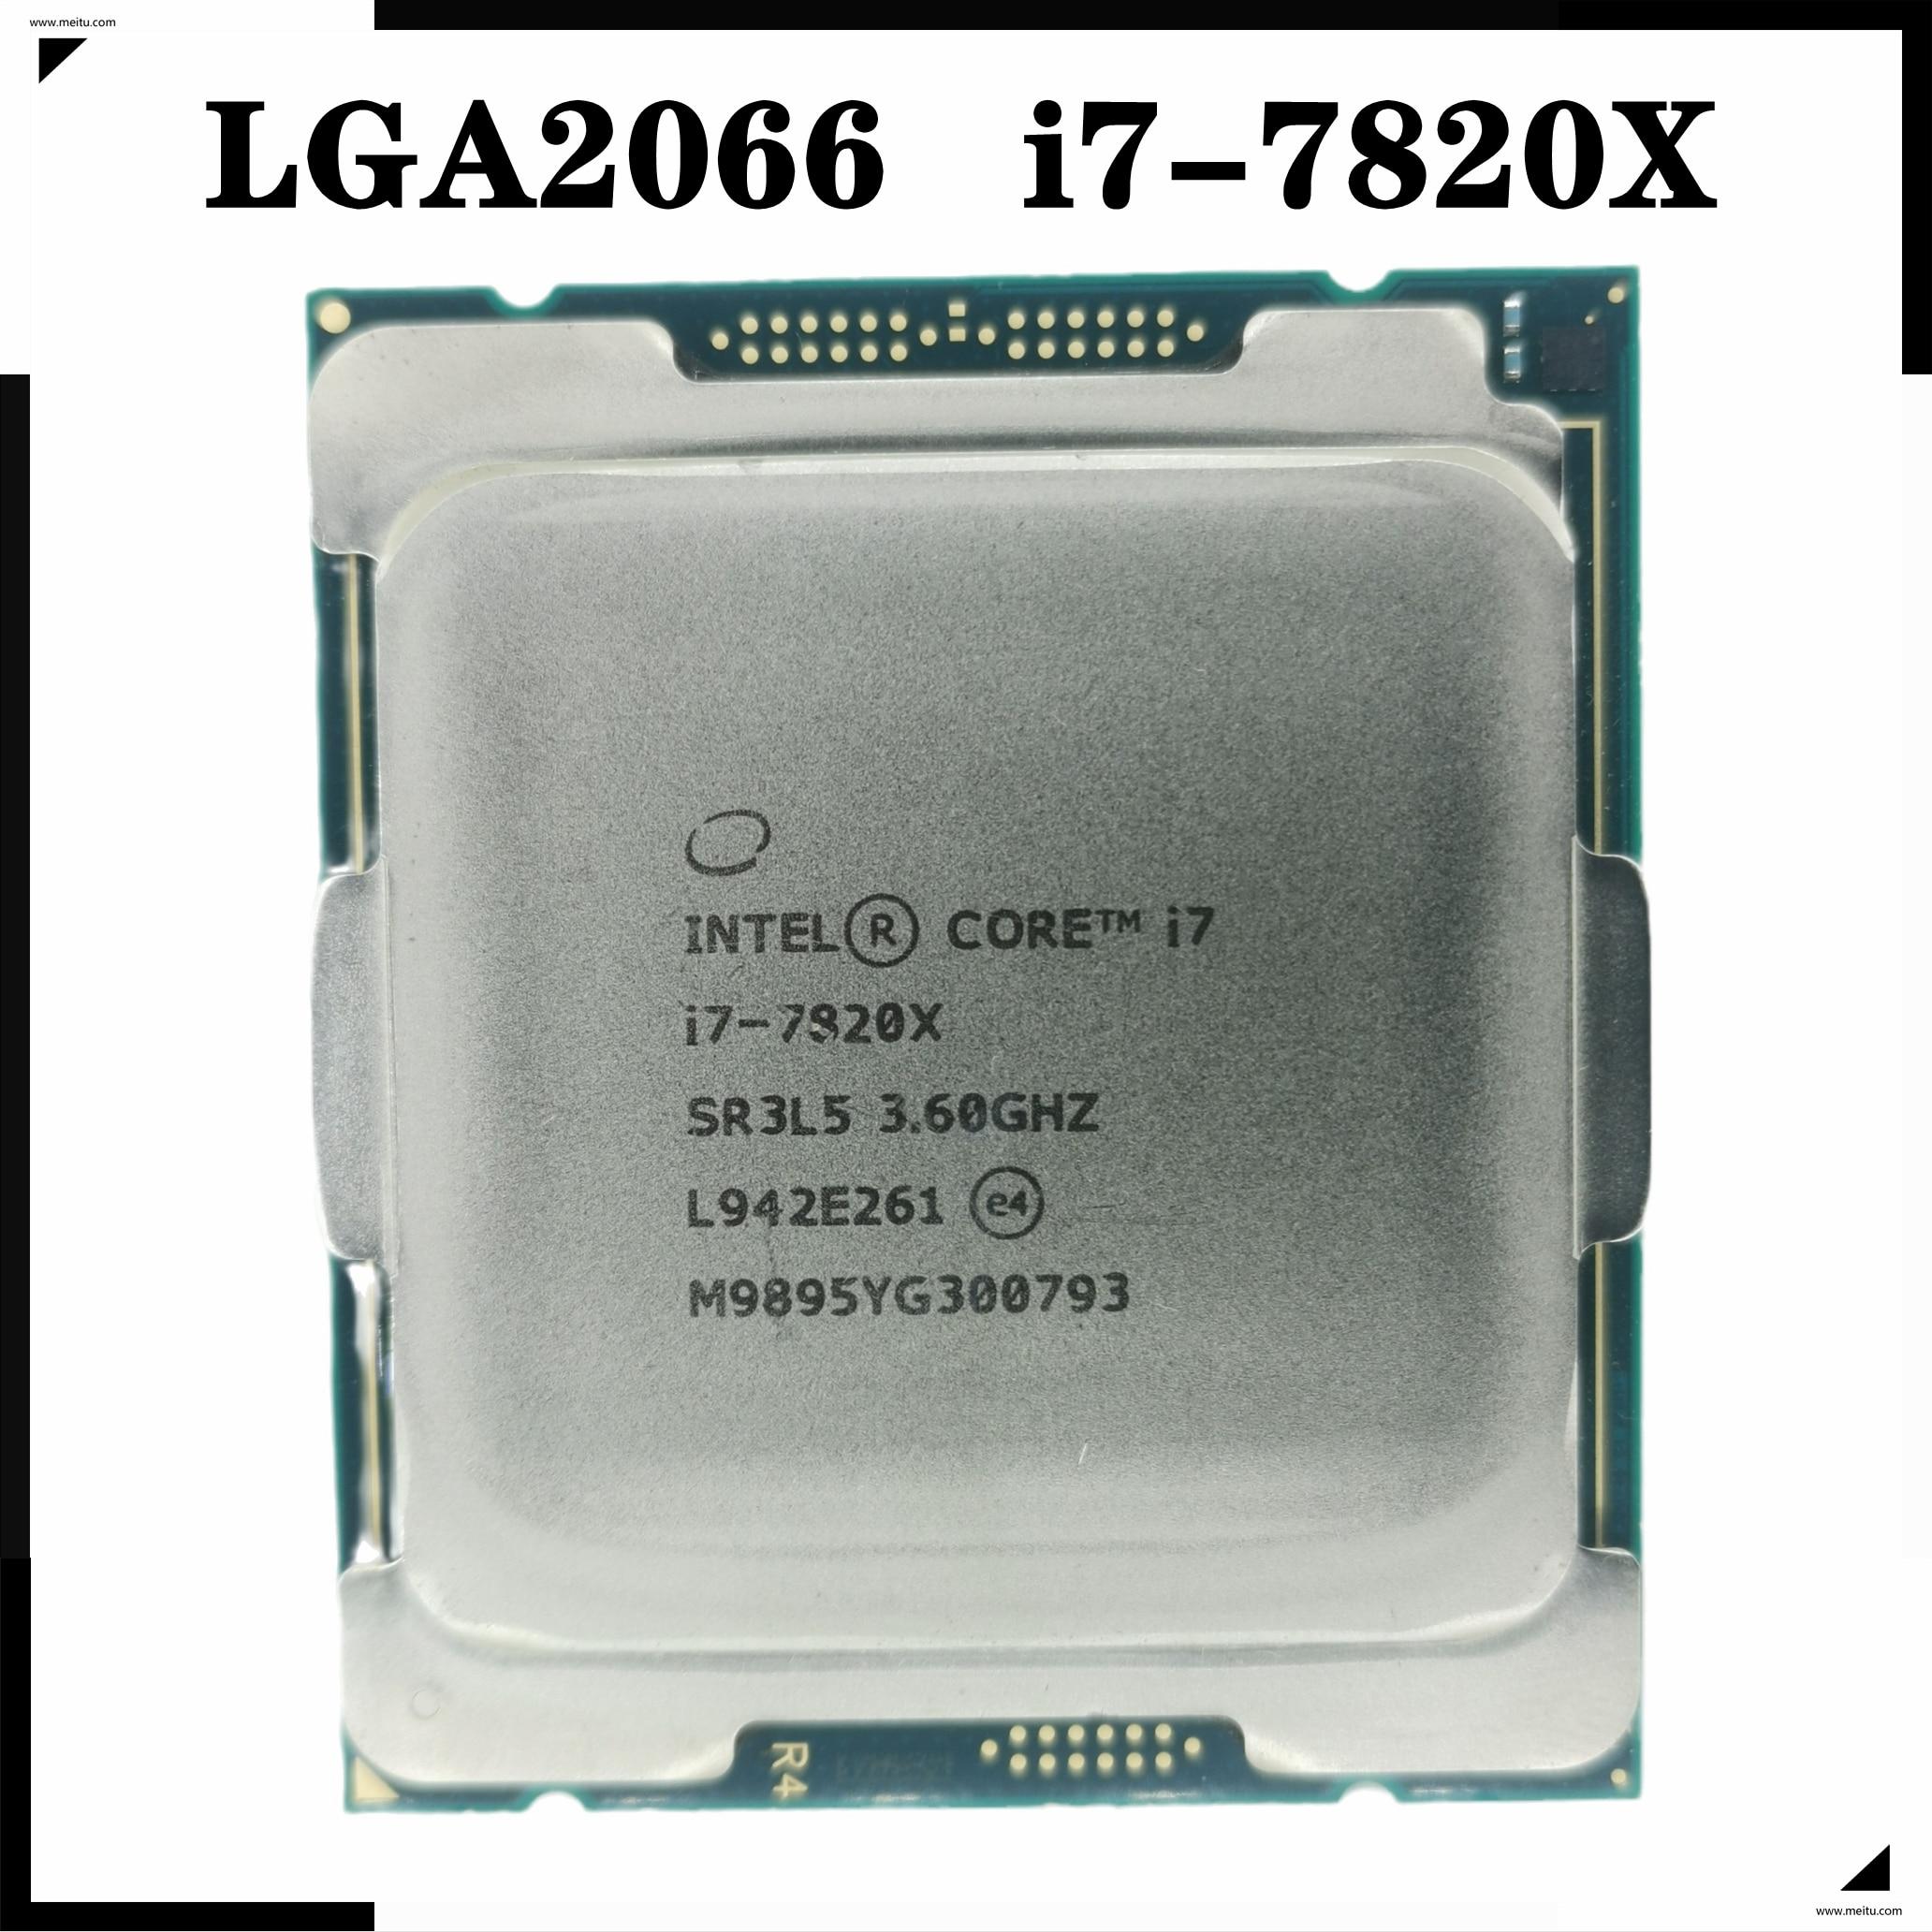 [해외] 인텔 코어 I7 7820X X 시리즈 프로세서 11M 캐시  3.60 GHZ TDP 140W 8 16 스레드 - 인텔 코어 I7 7820X X 시리즈